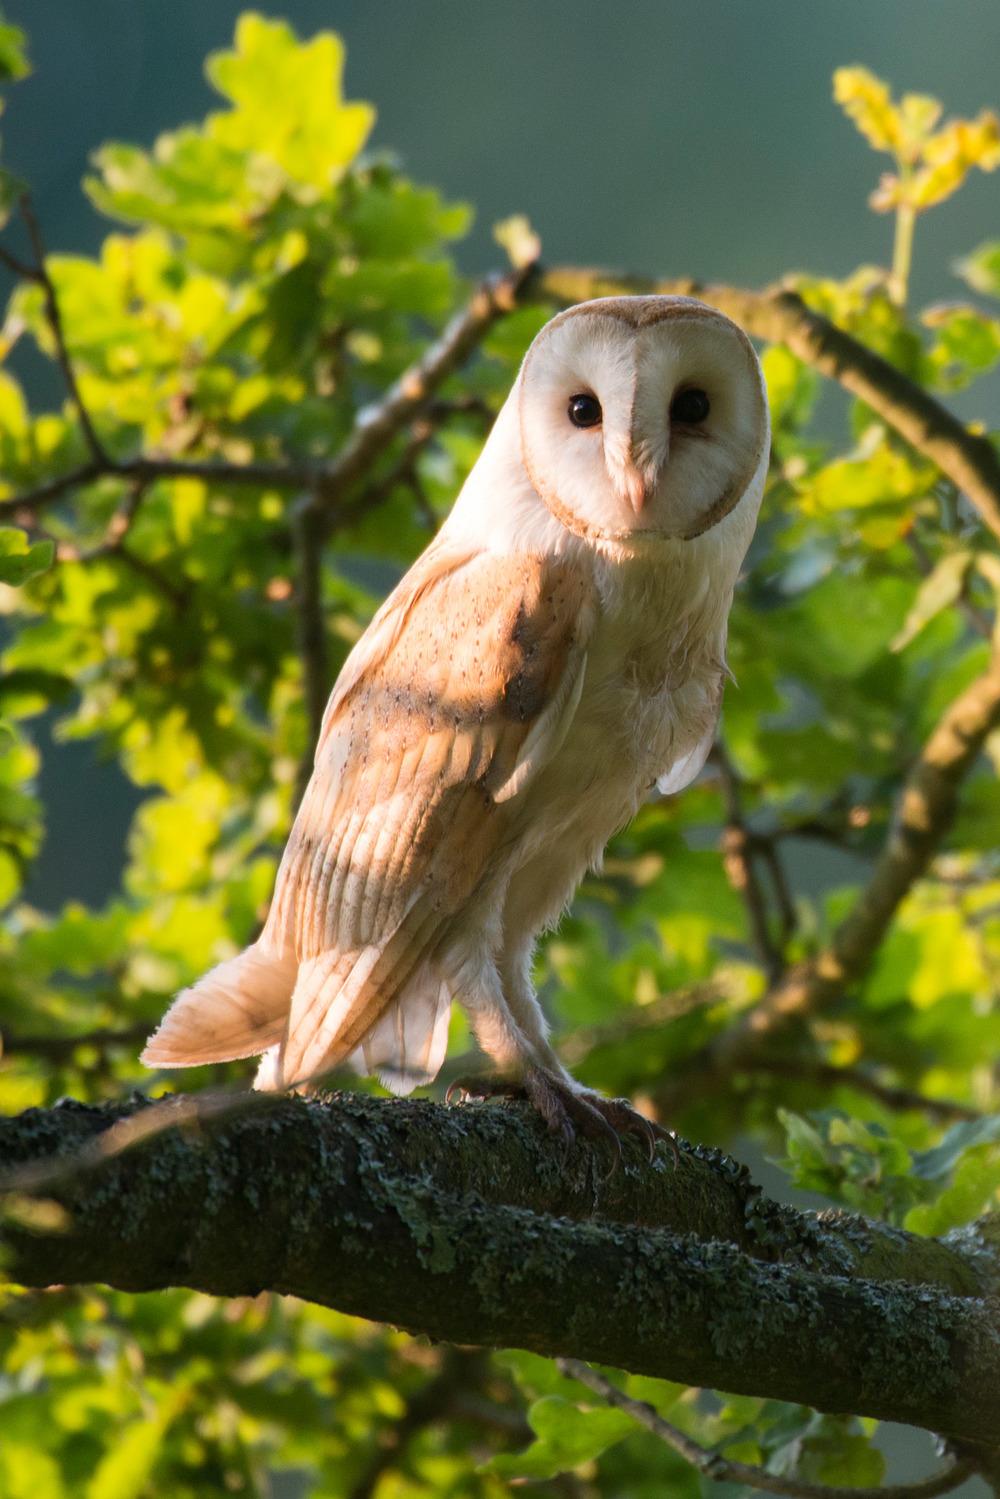 Barn owl in oak tree, Sussex Weald, England